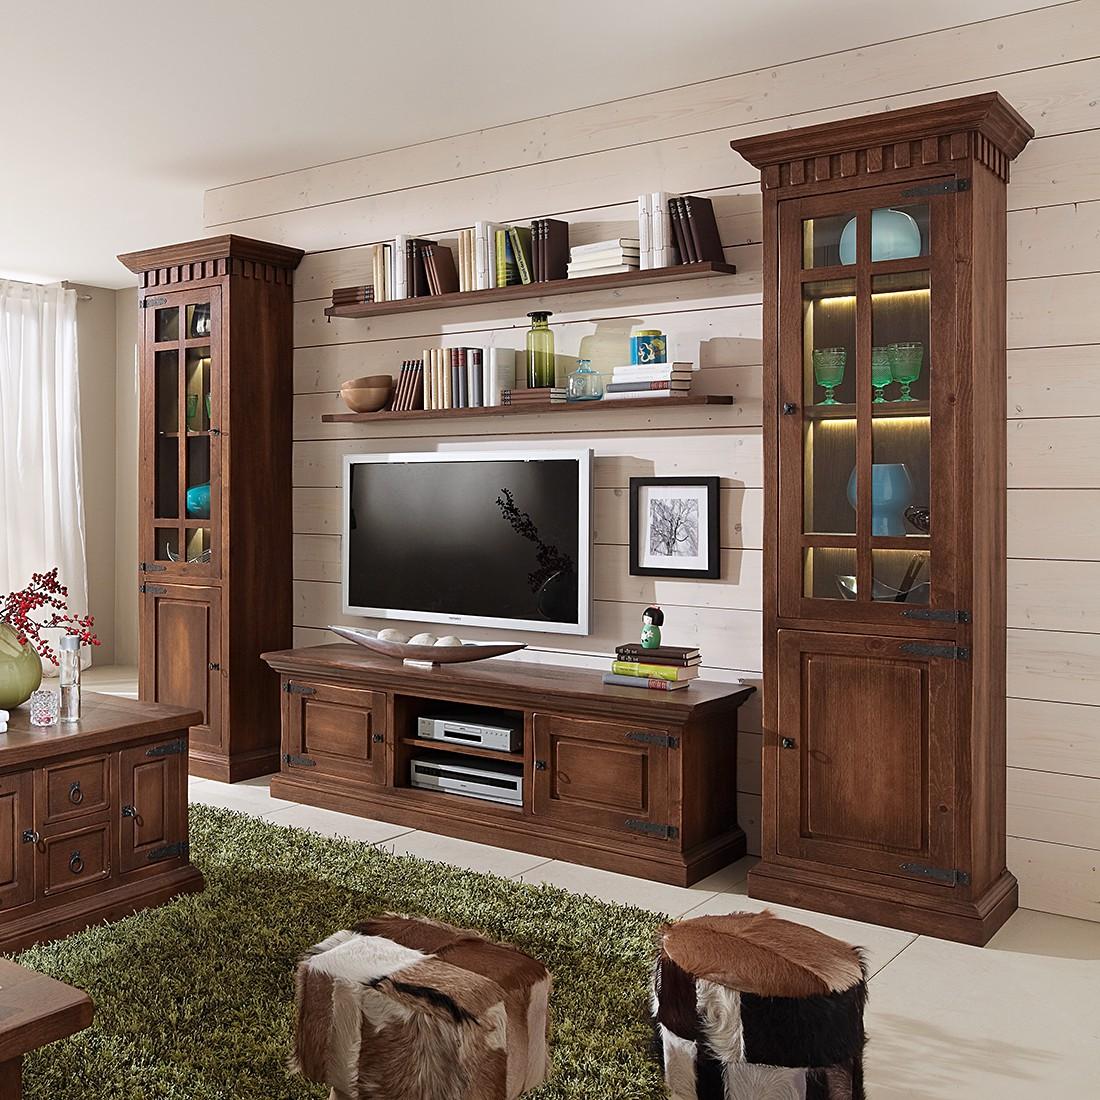 EEK A+, Ensemble de meubles TV Vicuna - Pin massif - Marron - Avec éclairage, Landhaus Classic